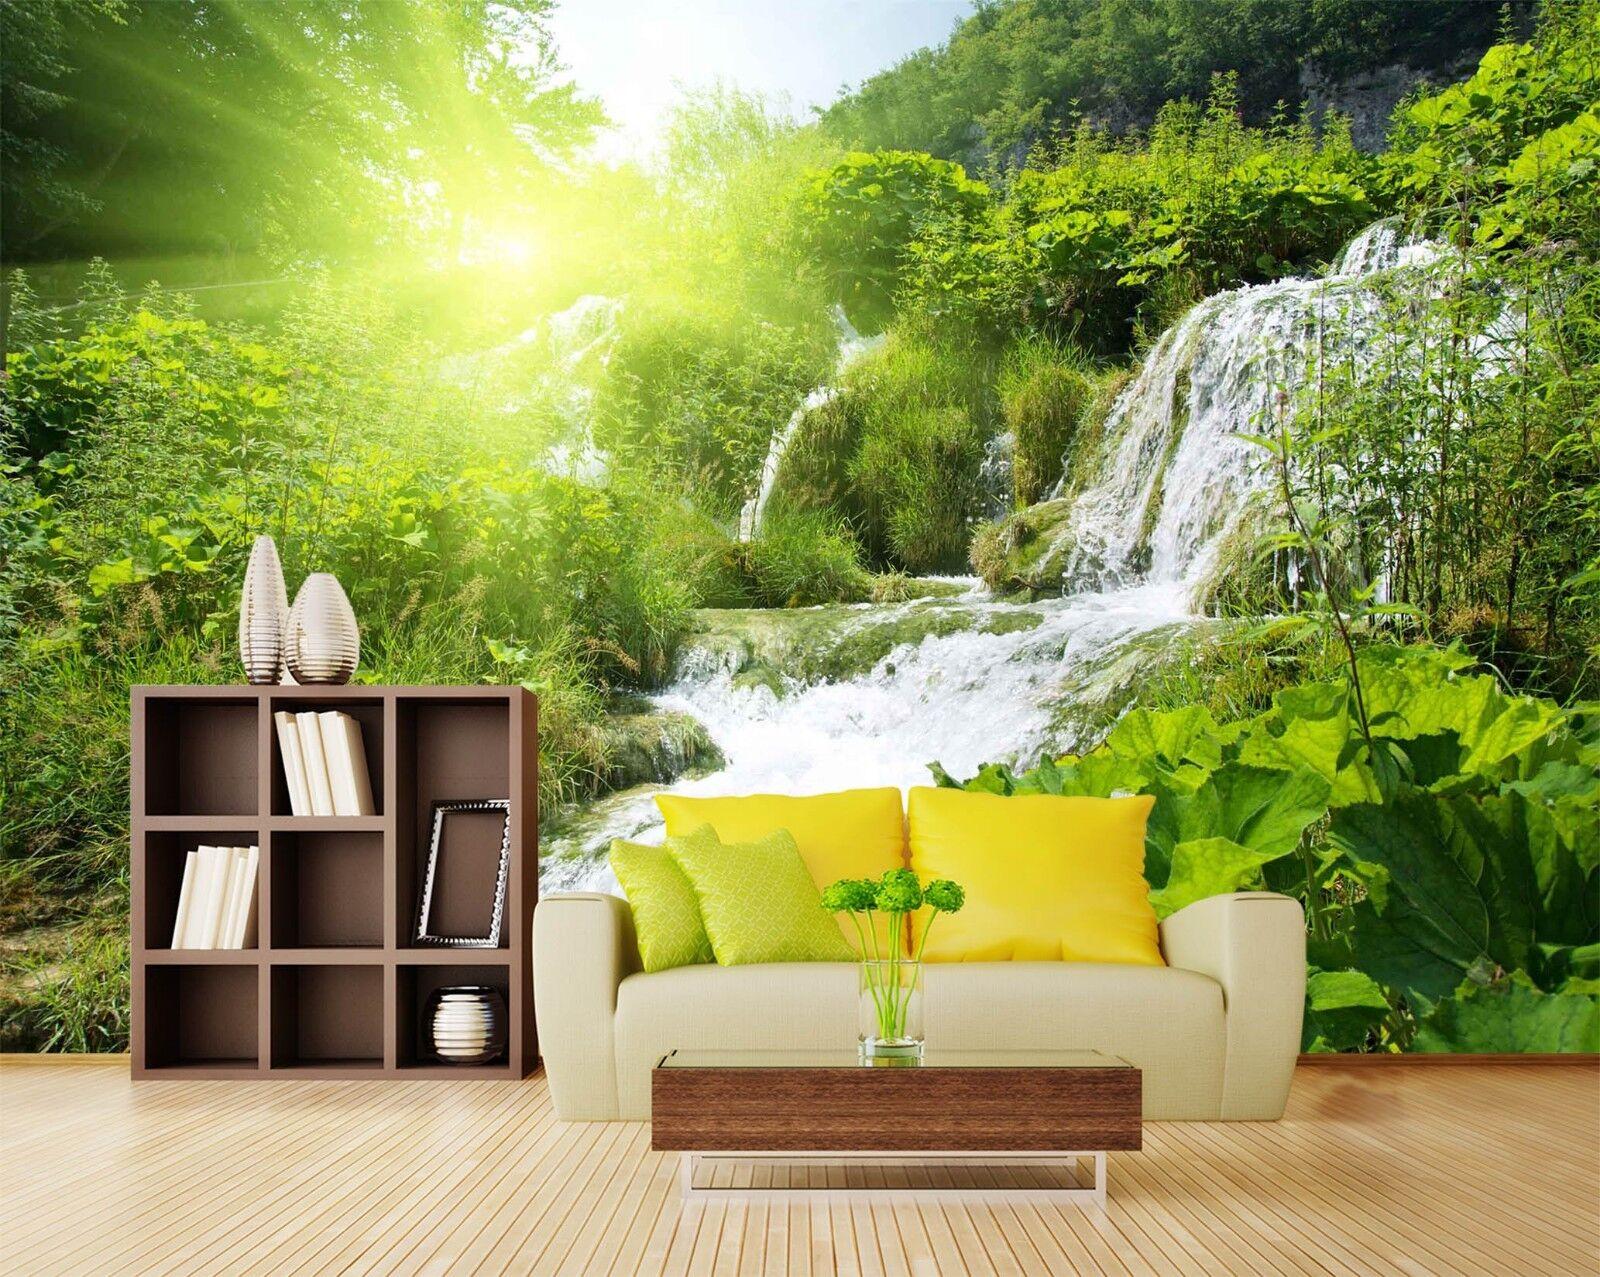 3D Creek Forest 7304 Wallpaper Mural Wall Print Wall Wallpaper Murals US Lemon